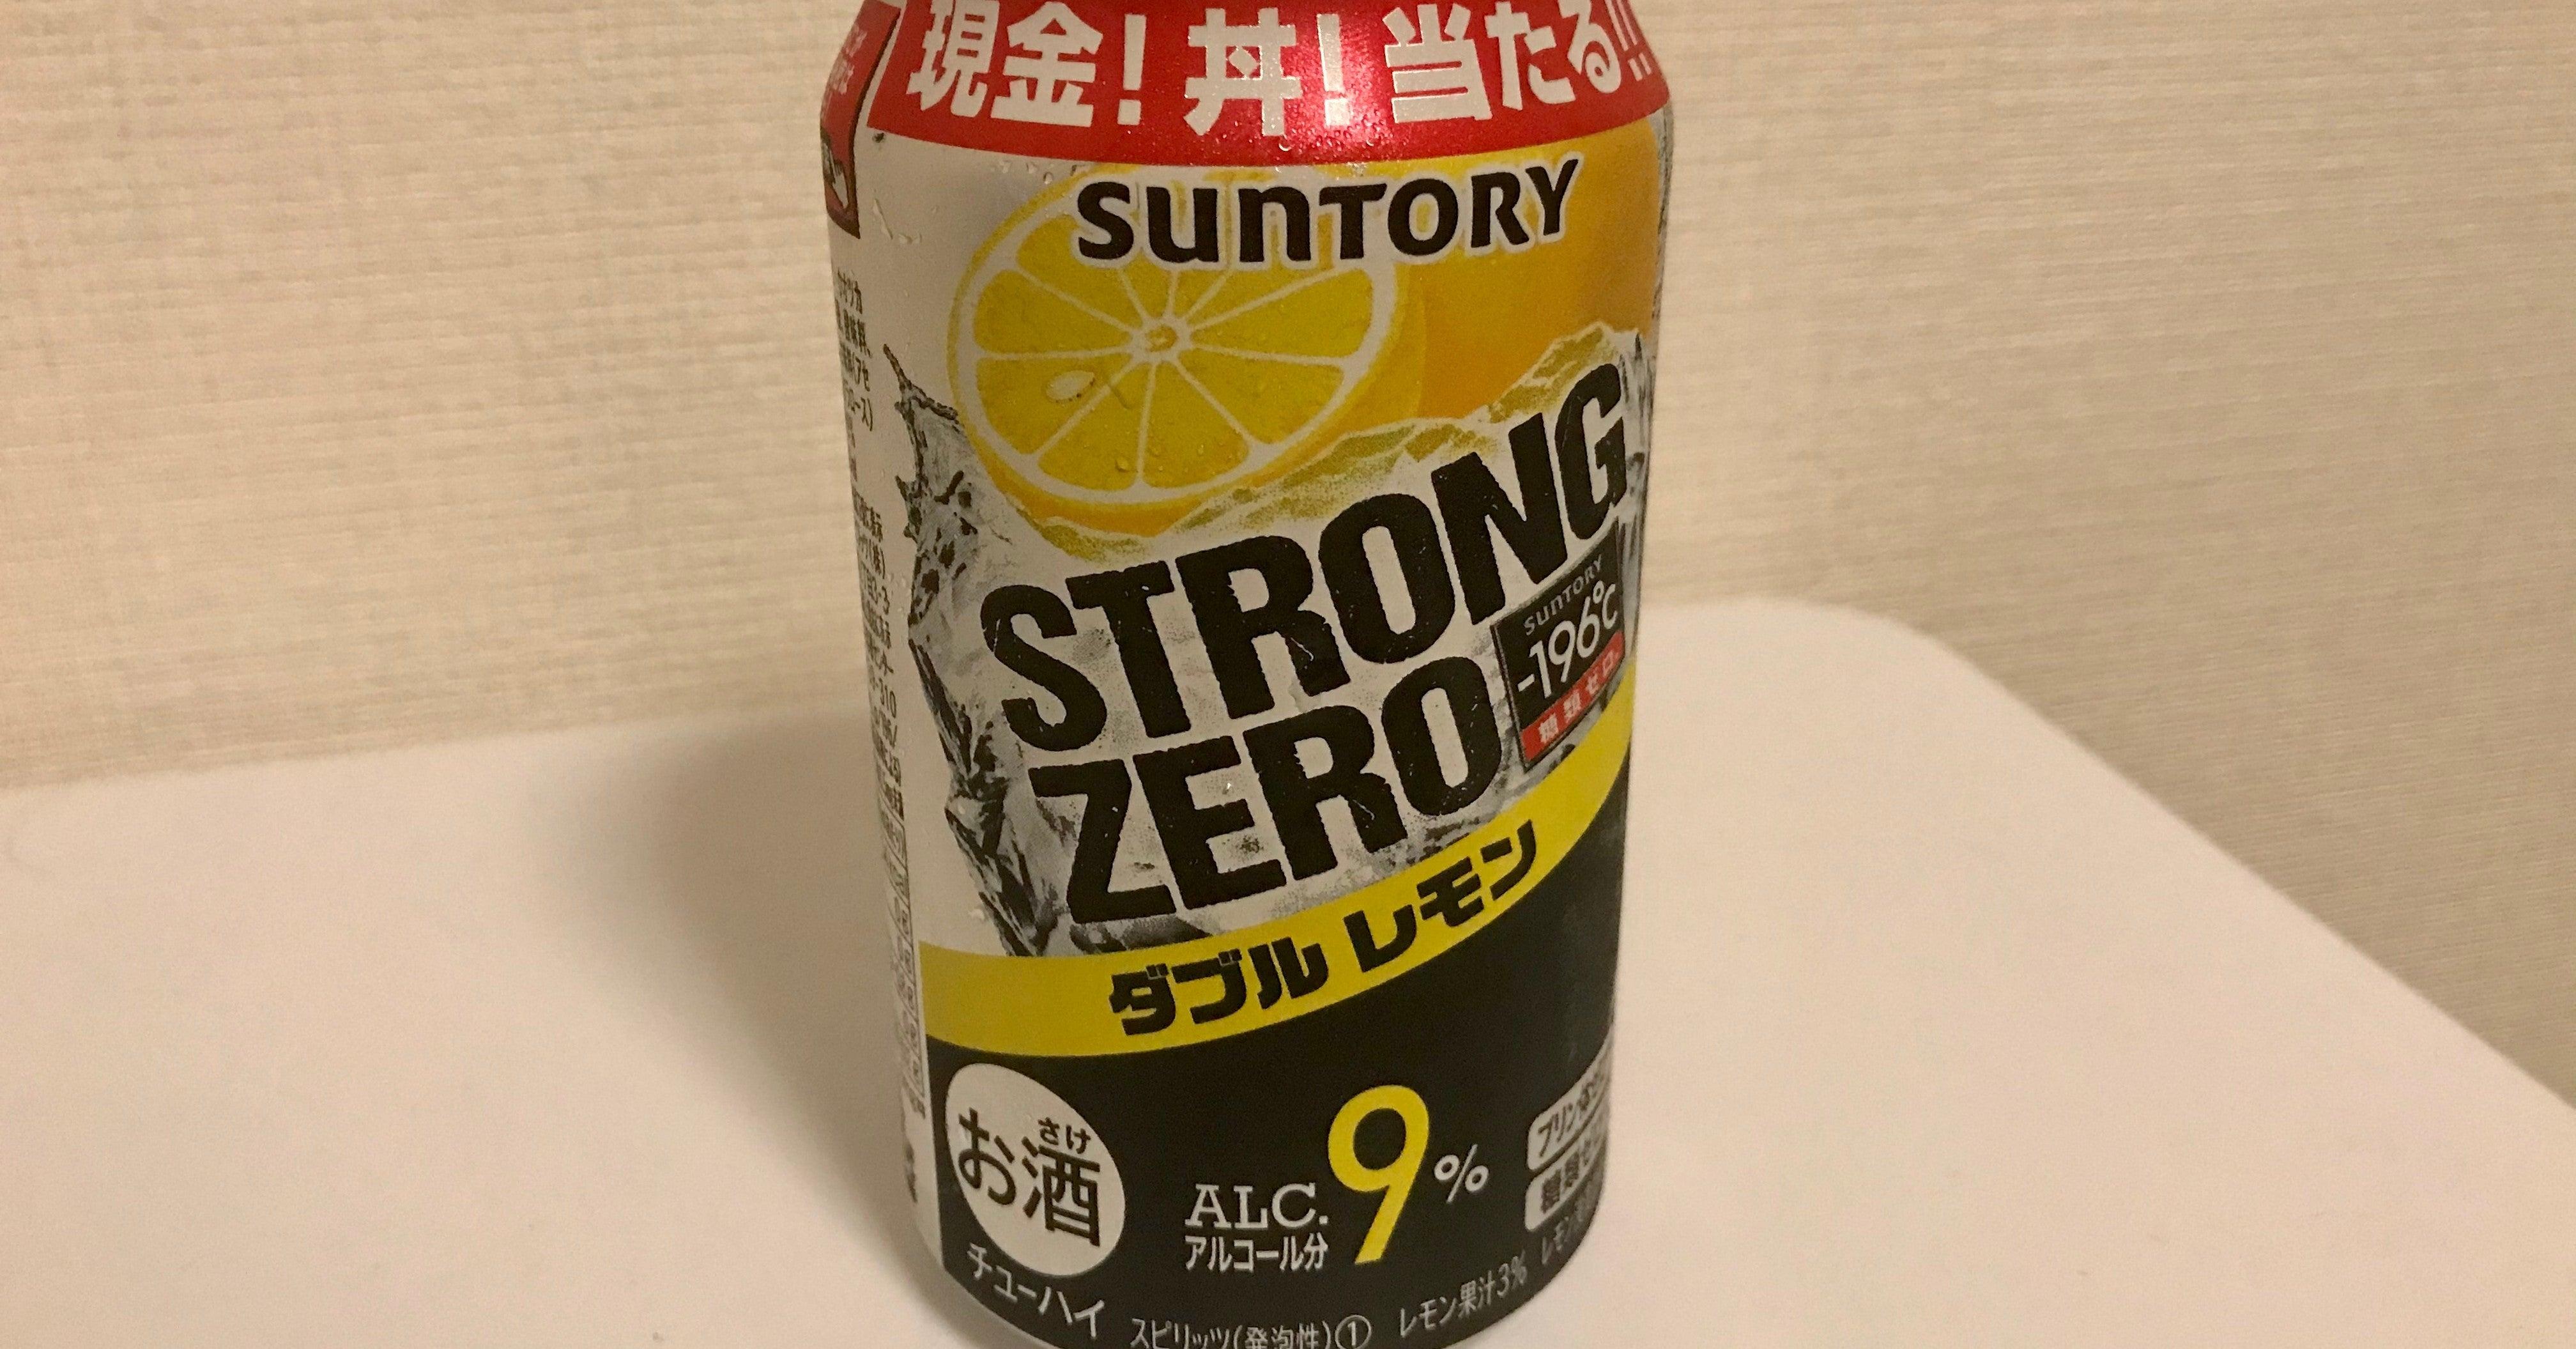 に 悪い ストロング ゼロ 体